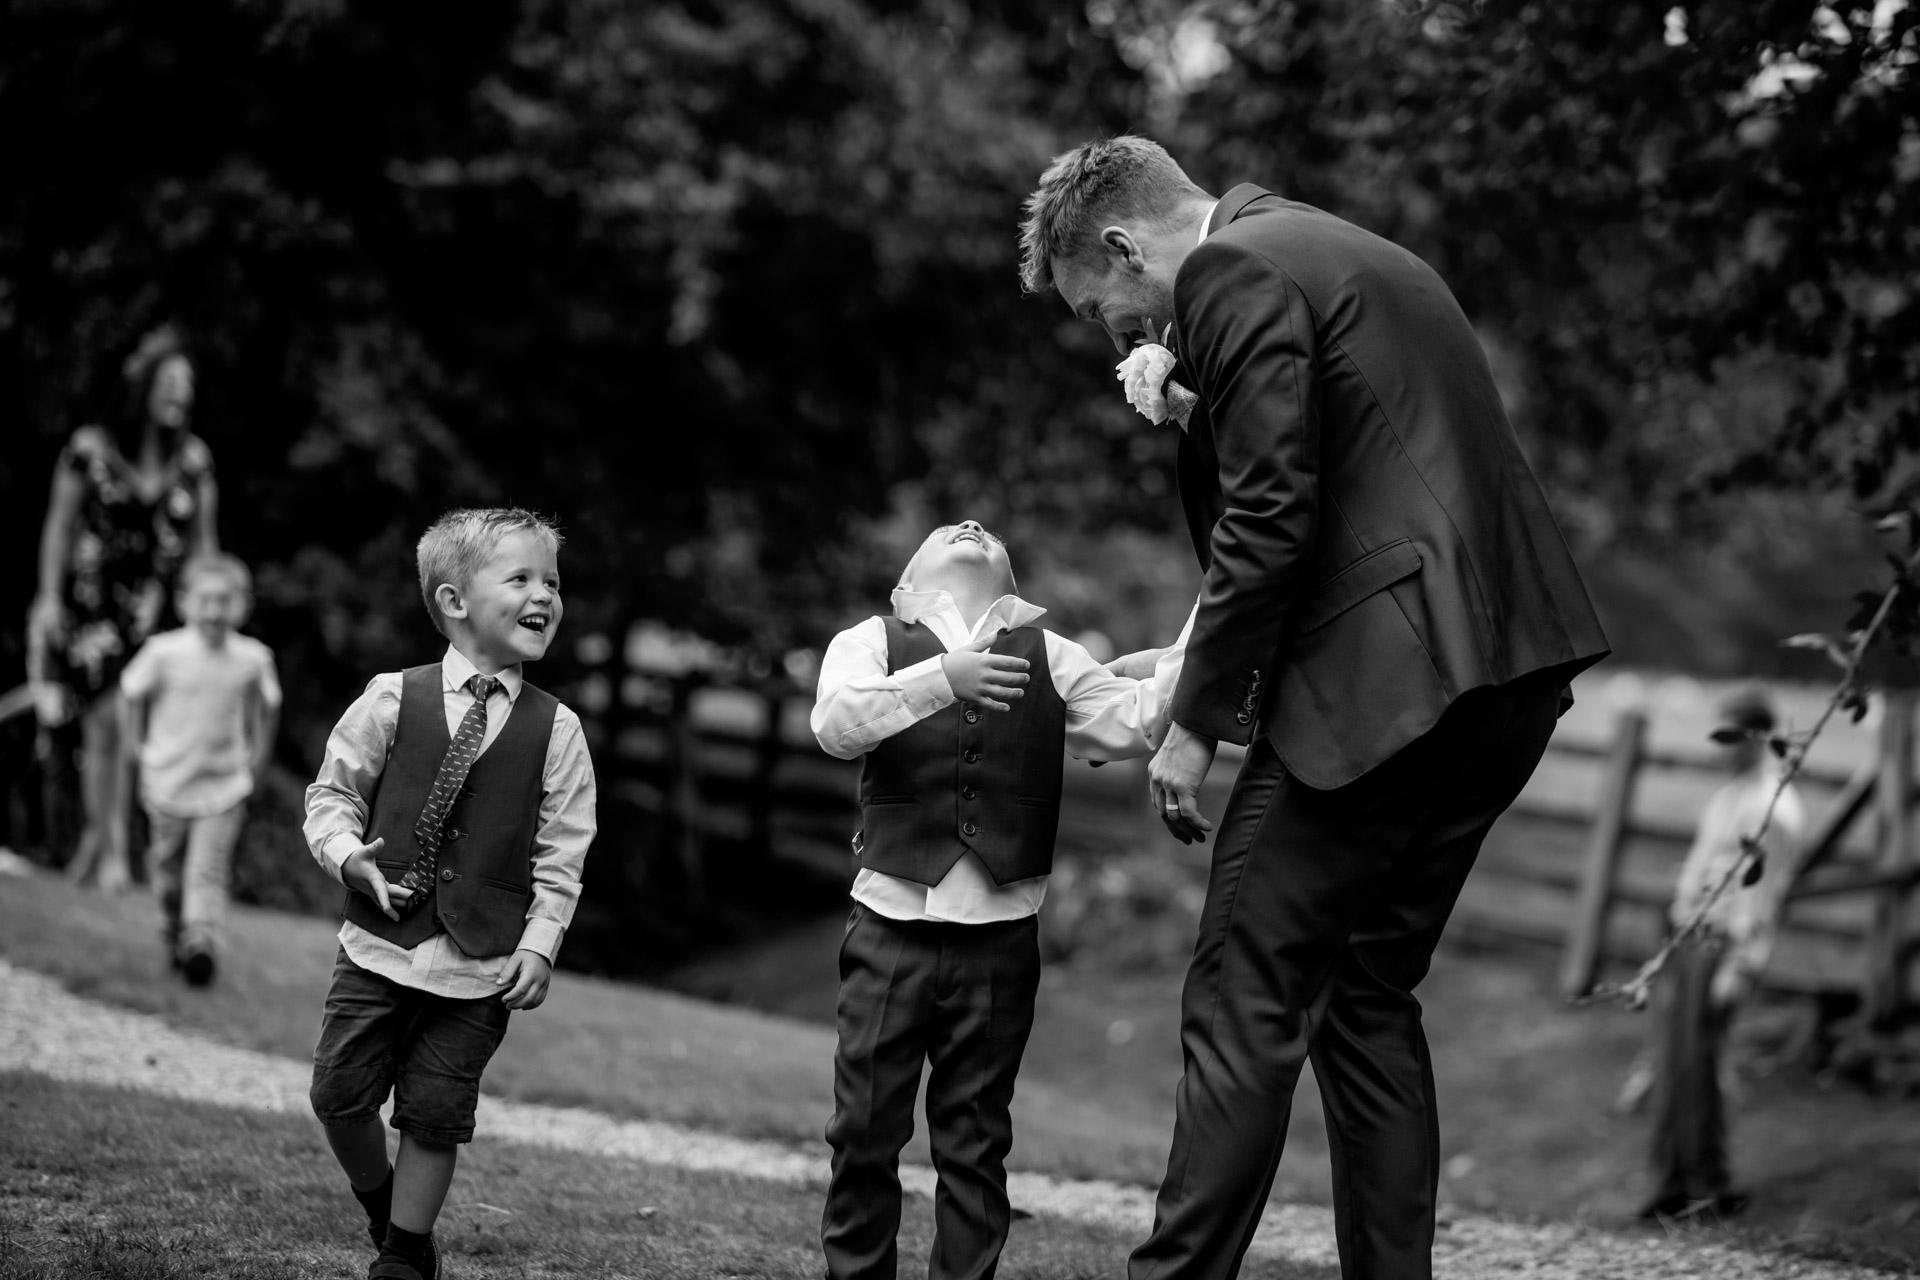 Richard Murgatroyd Photography - London Wedding Photographer - Most Curious Fair Blog -0018.jpg